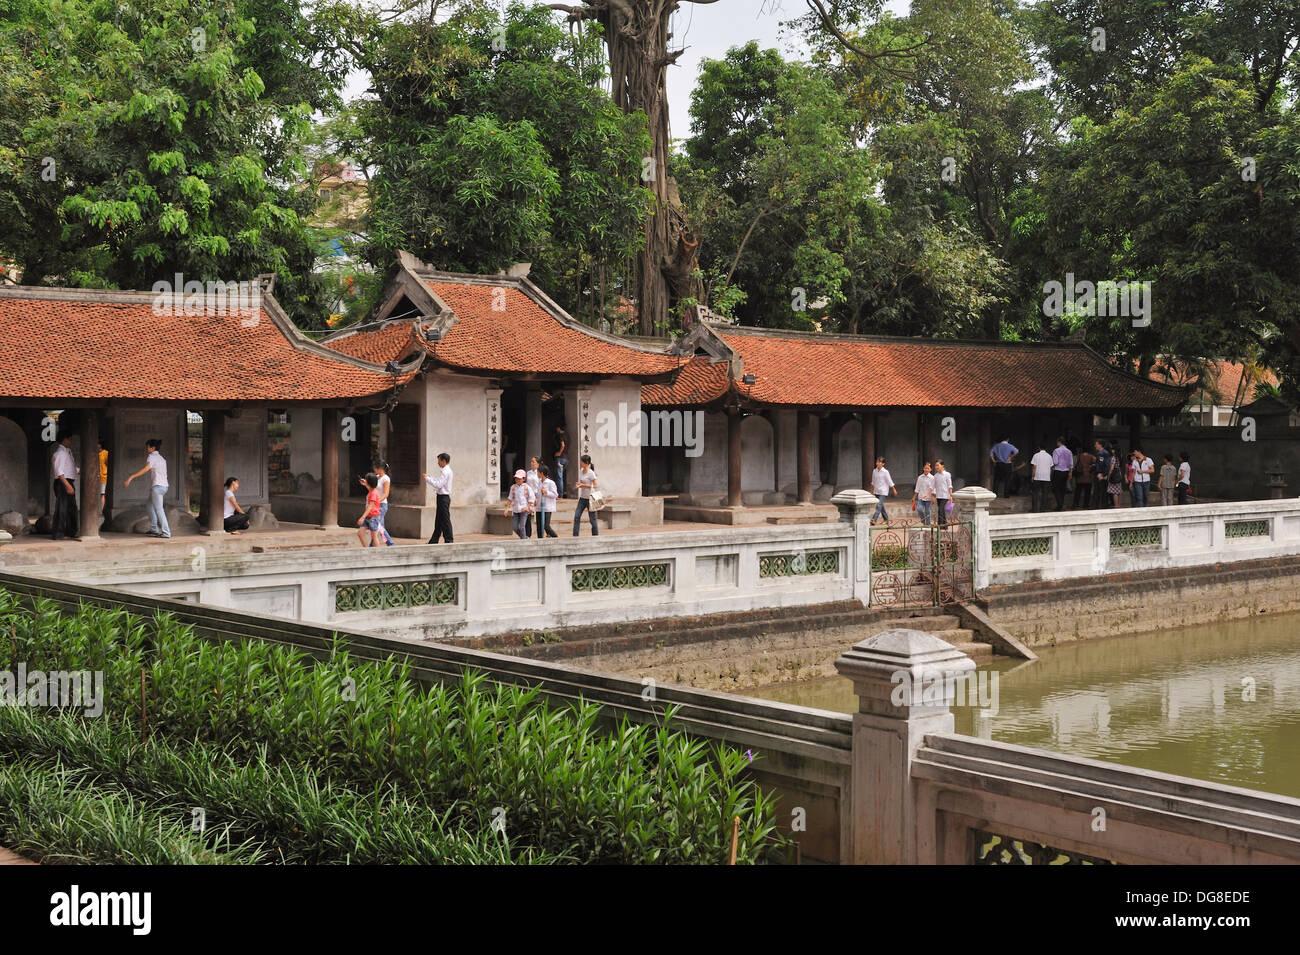 Grand Étang, nommé ainsi d'une clarté céleste, troisième cour, Temple de la littérature, Hanoi, Vietnam du Nord, en Asie du sud-est Photo Stock